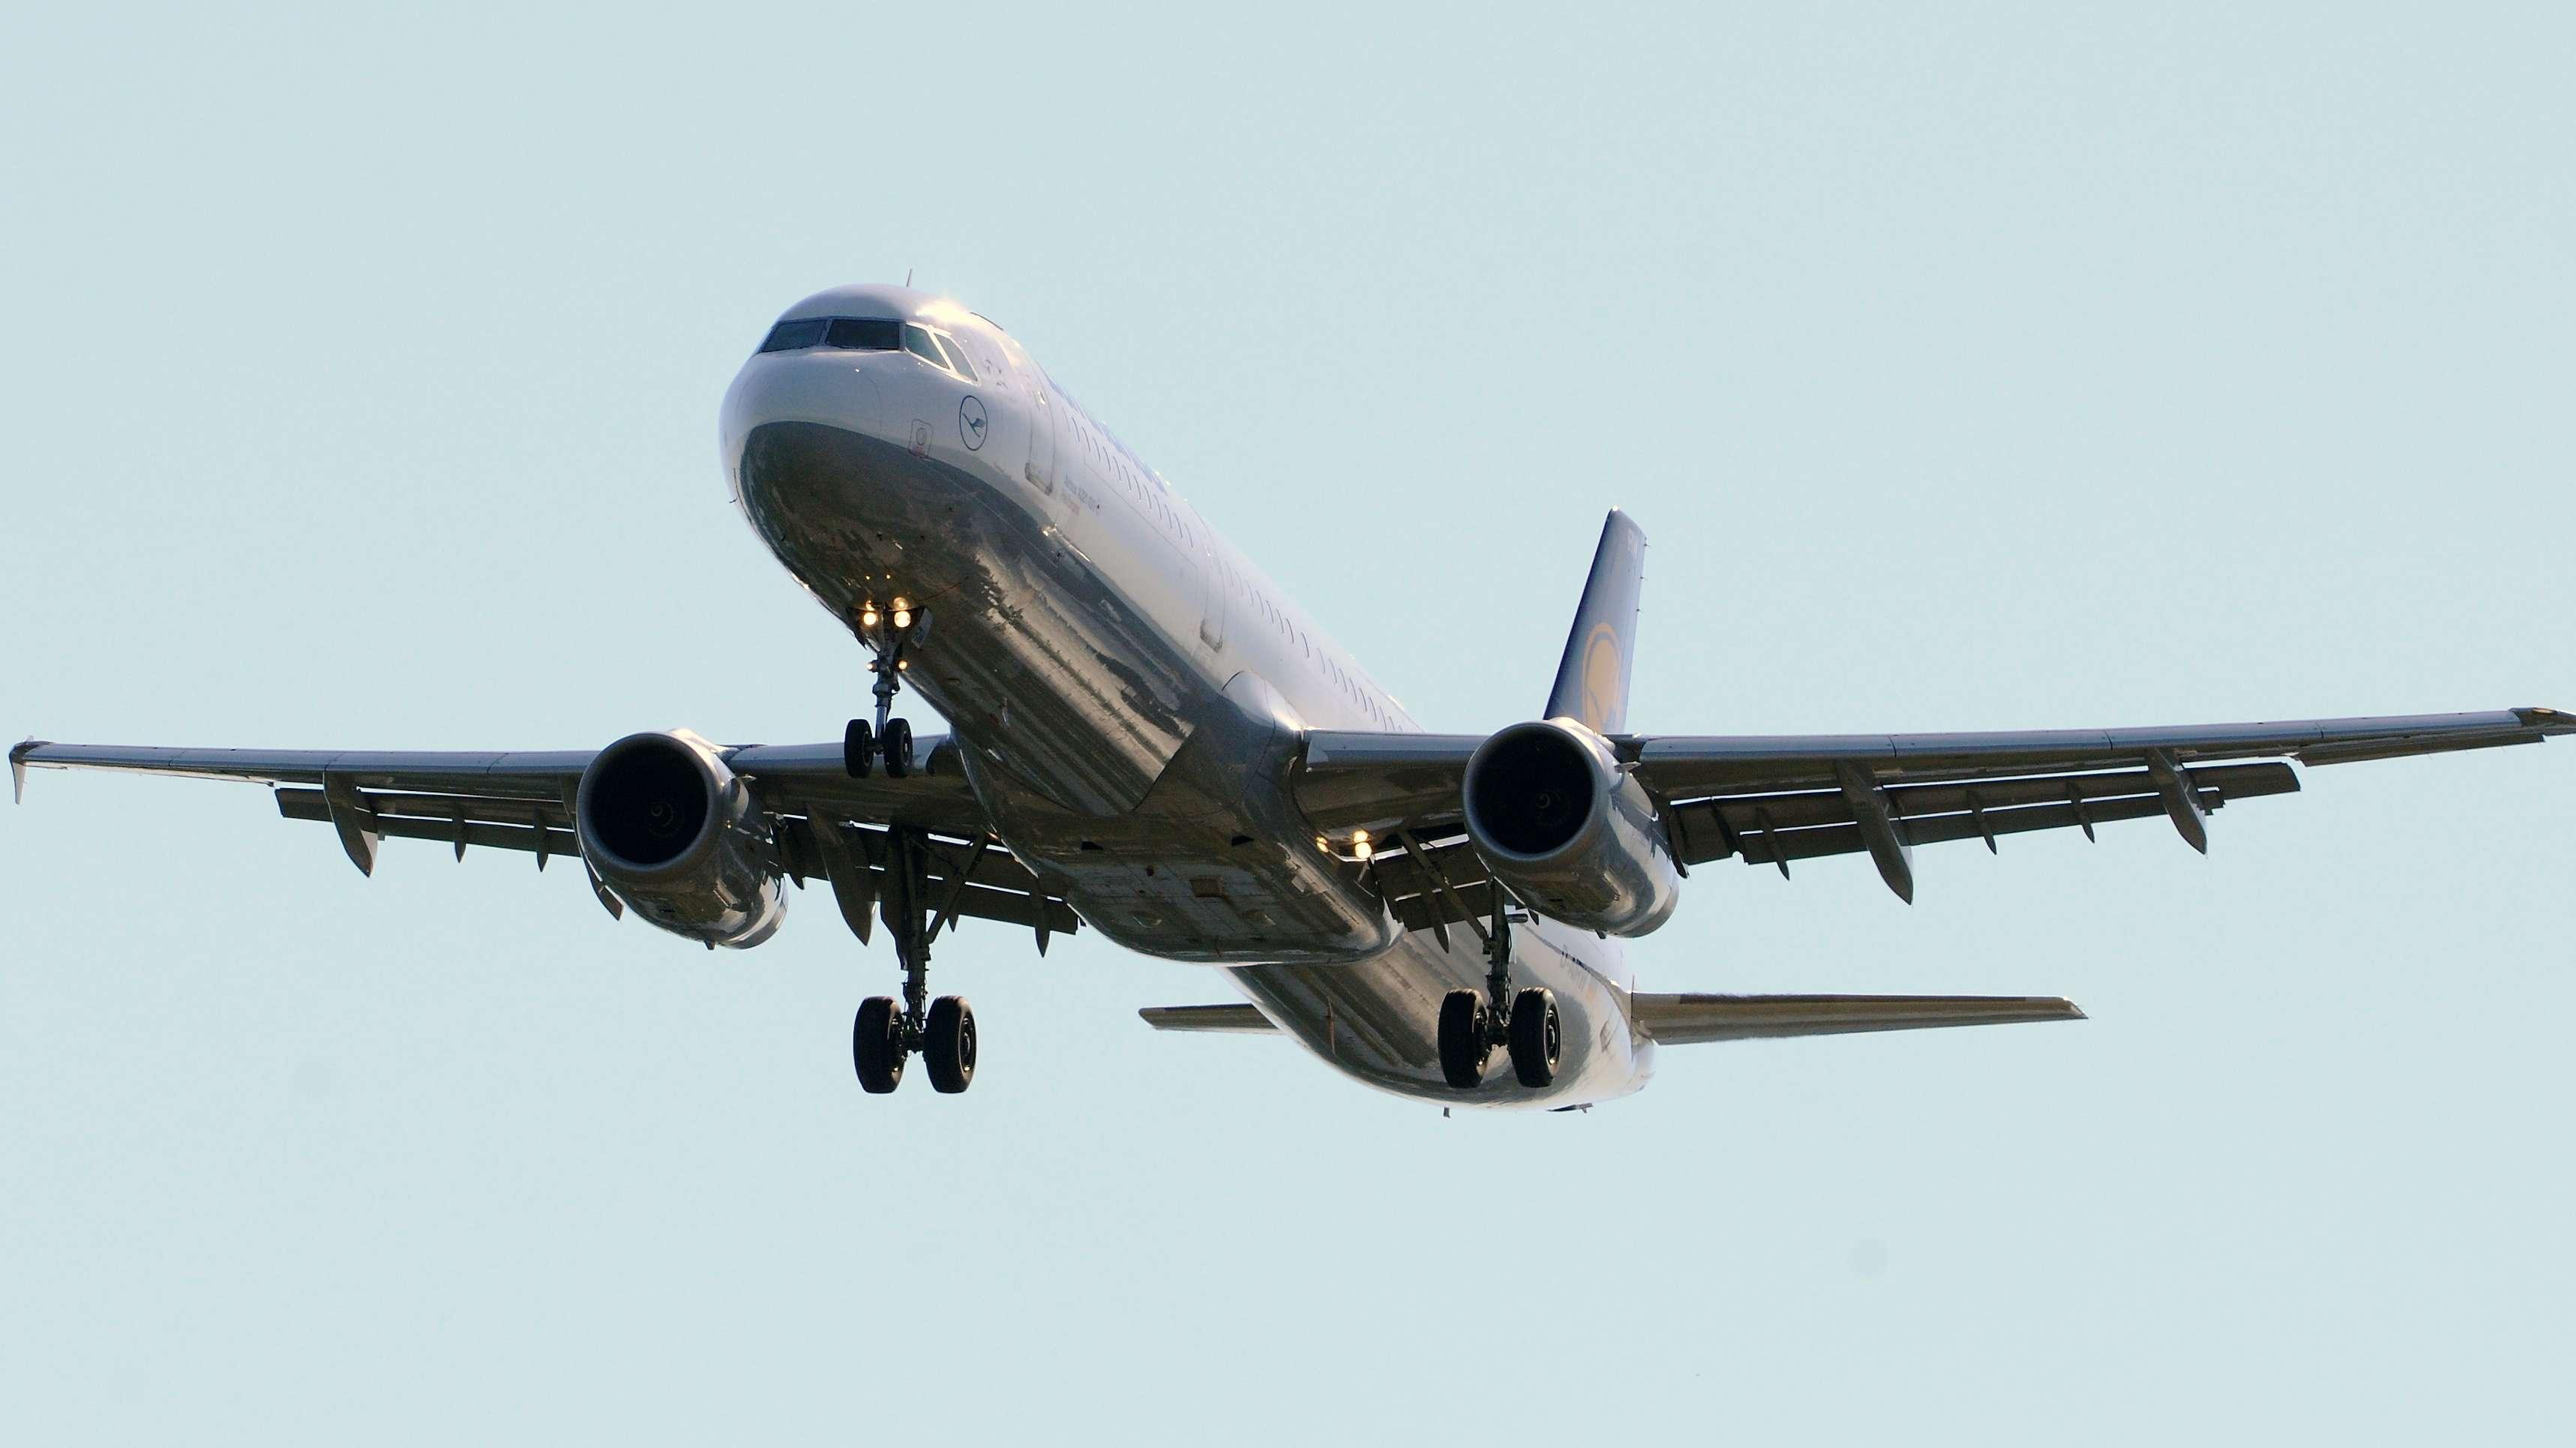 Ein Airbus A 321 im Landeanflug